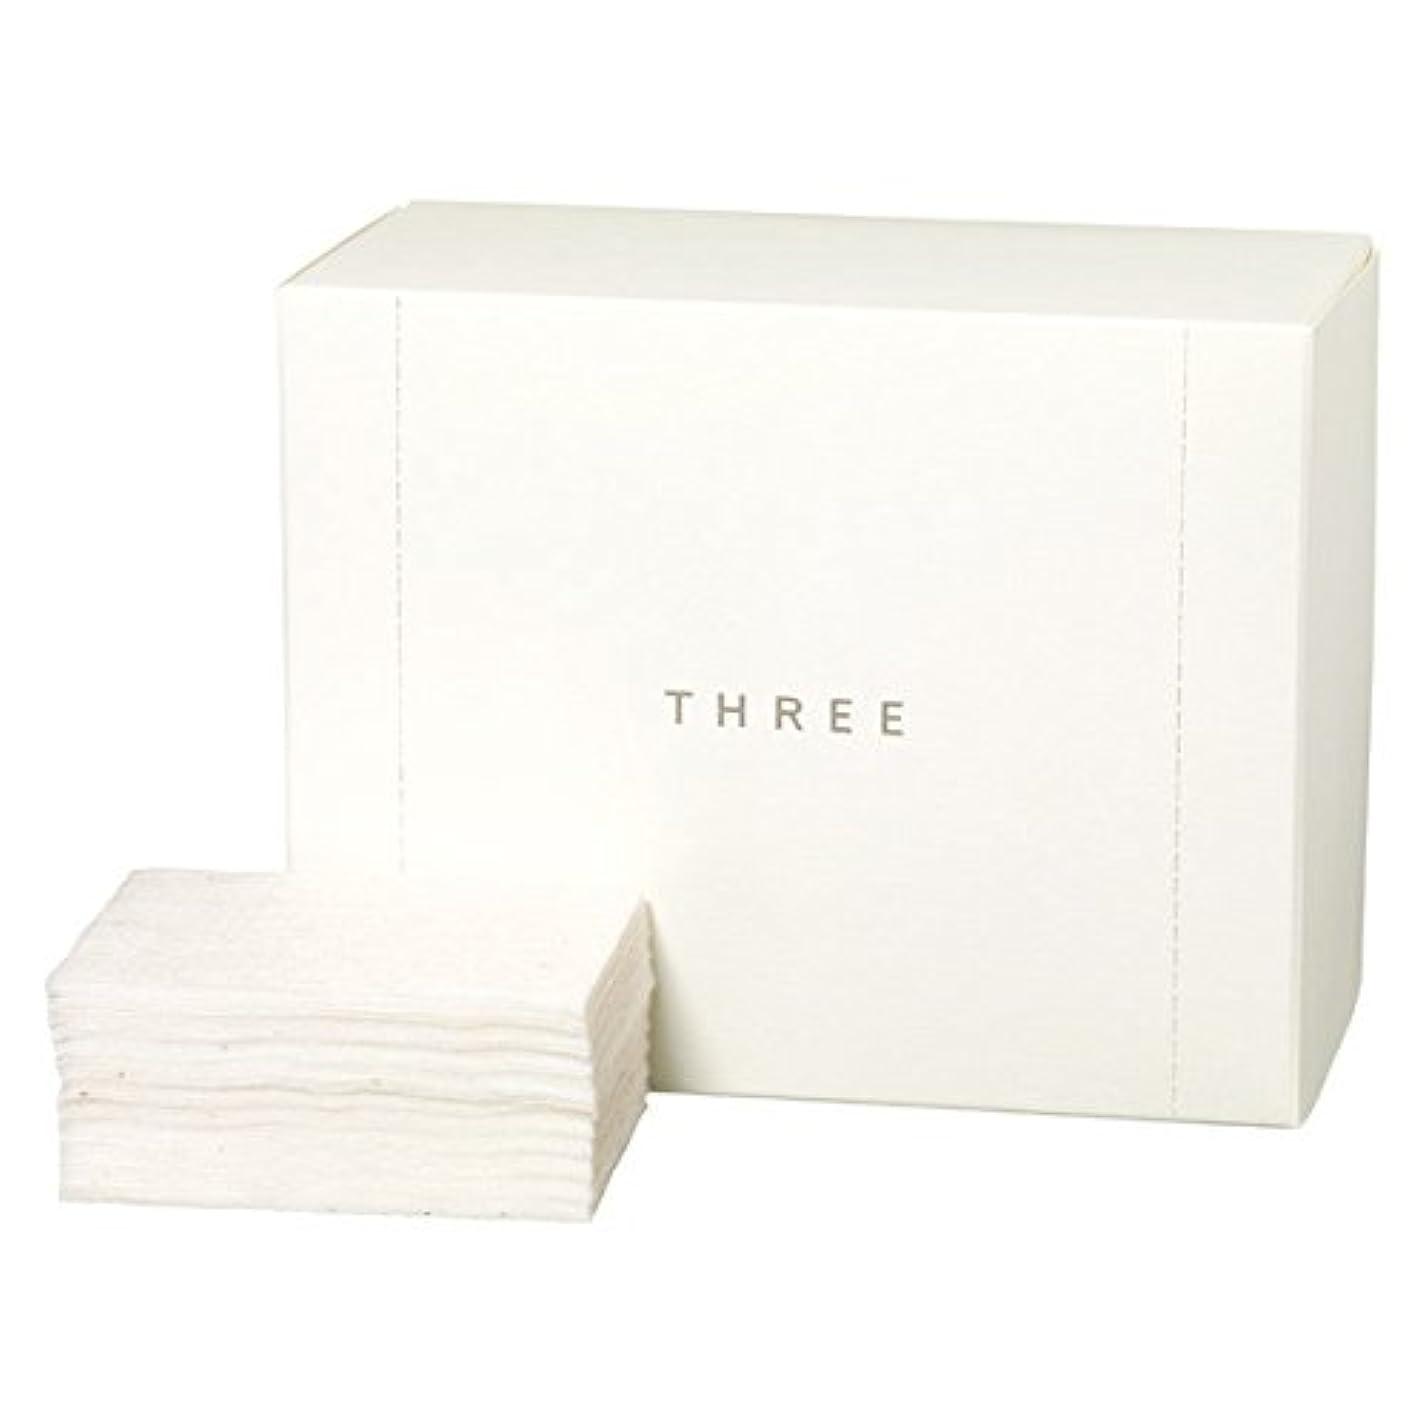 許容広範囲恋人THREE オーガニック コットン THREEショップバッグ付き